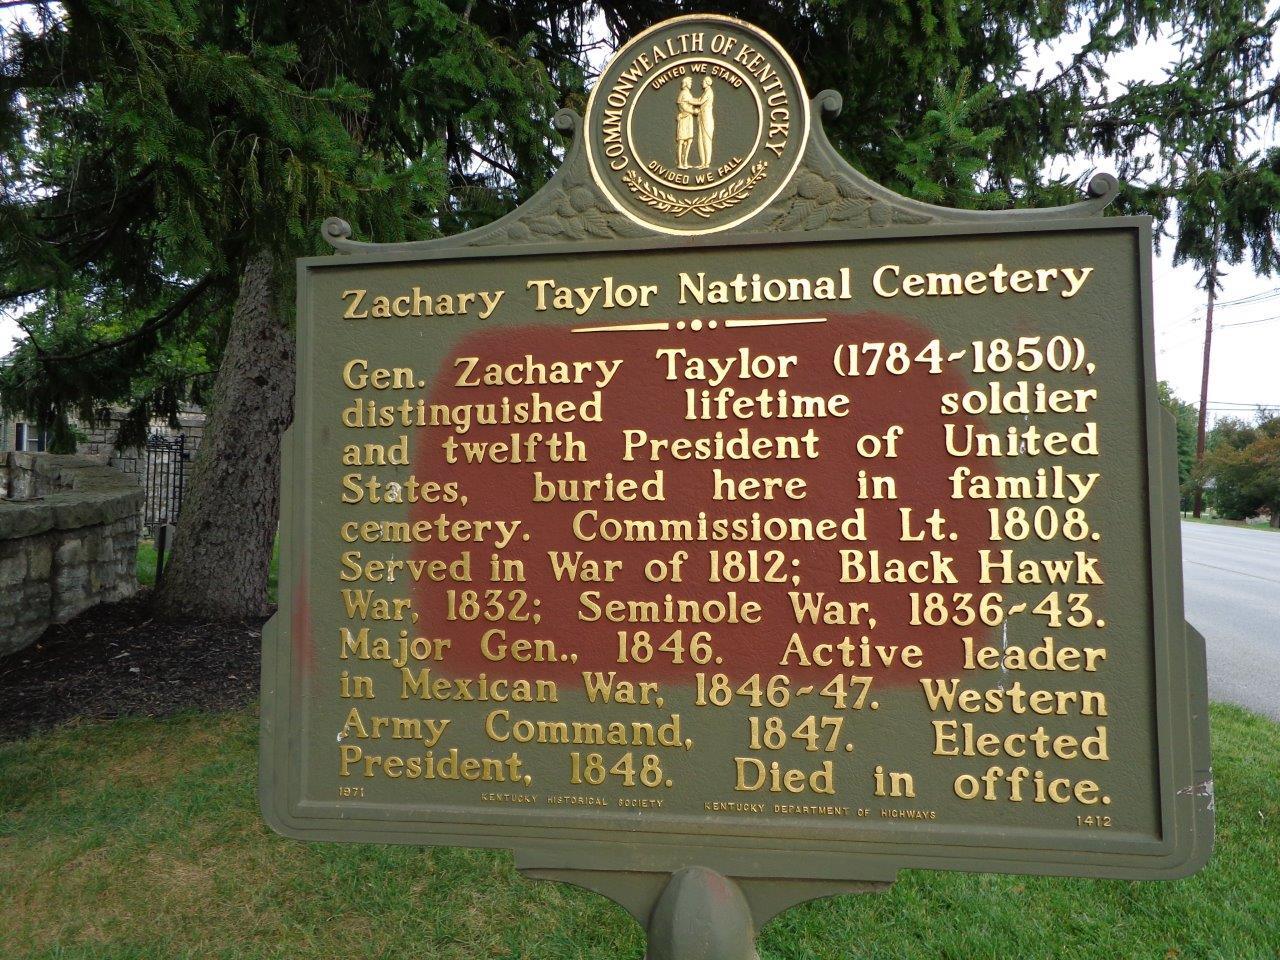 Zachary Taylor Gravesite - Louisville, Kentucky